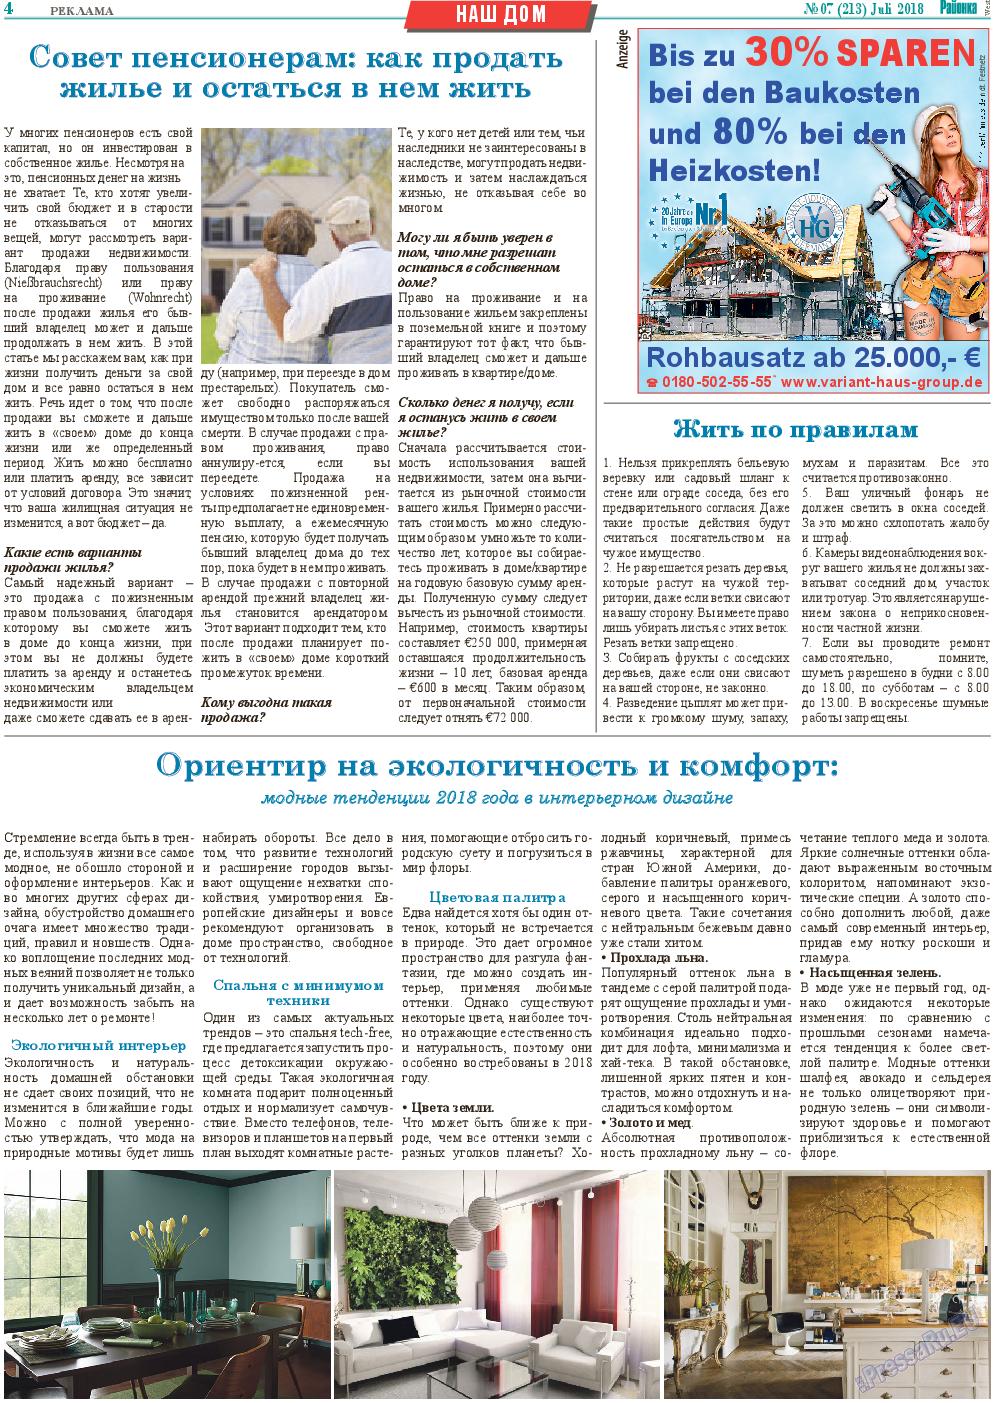 Районка-West (газета). 2018 год, номер 7, стр. 4